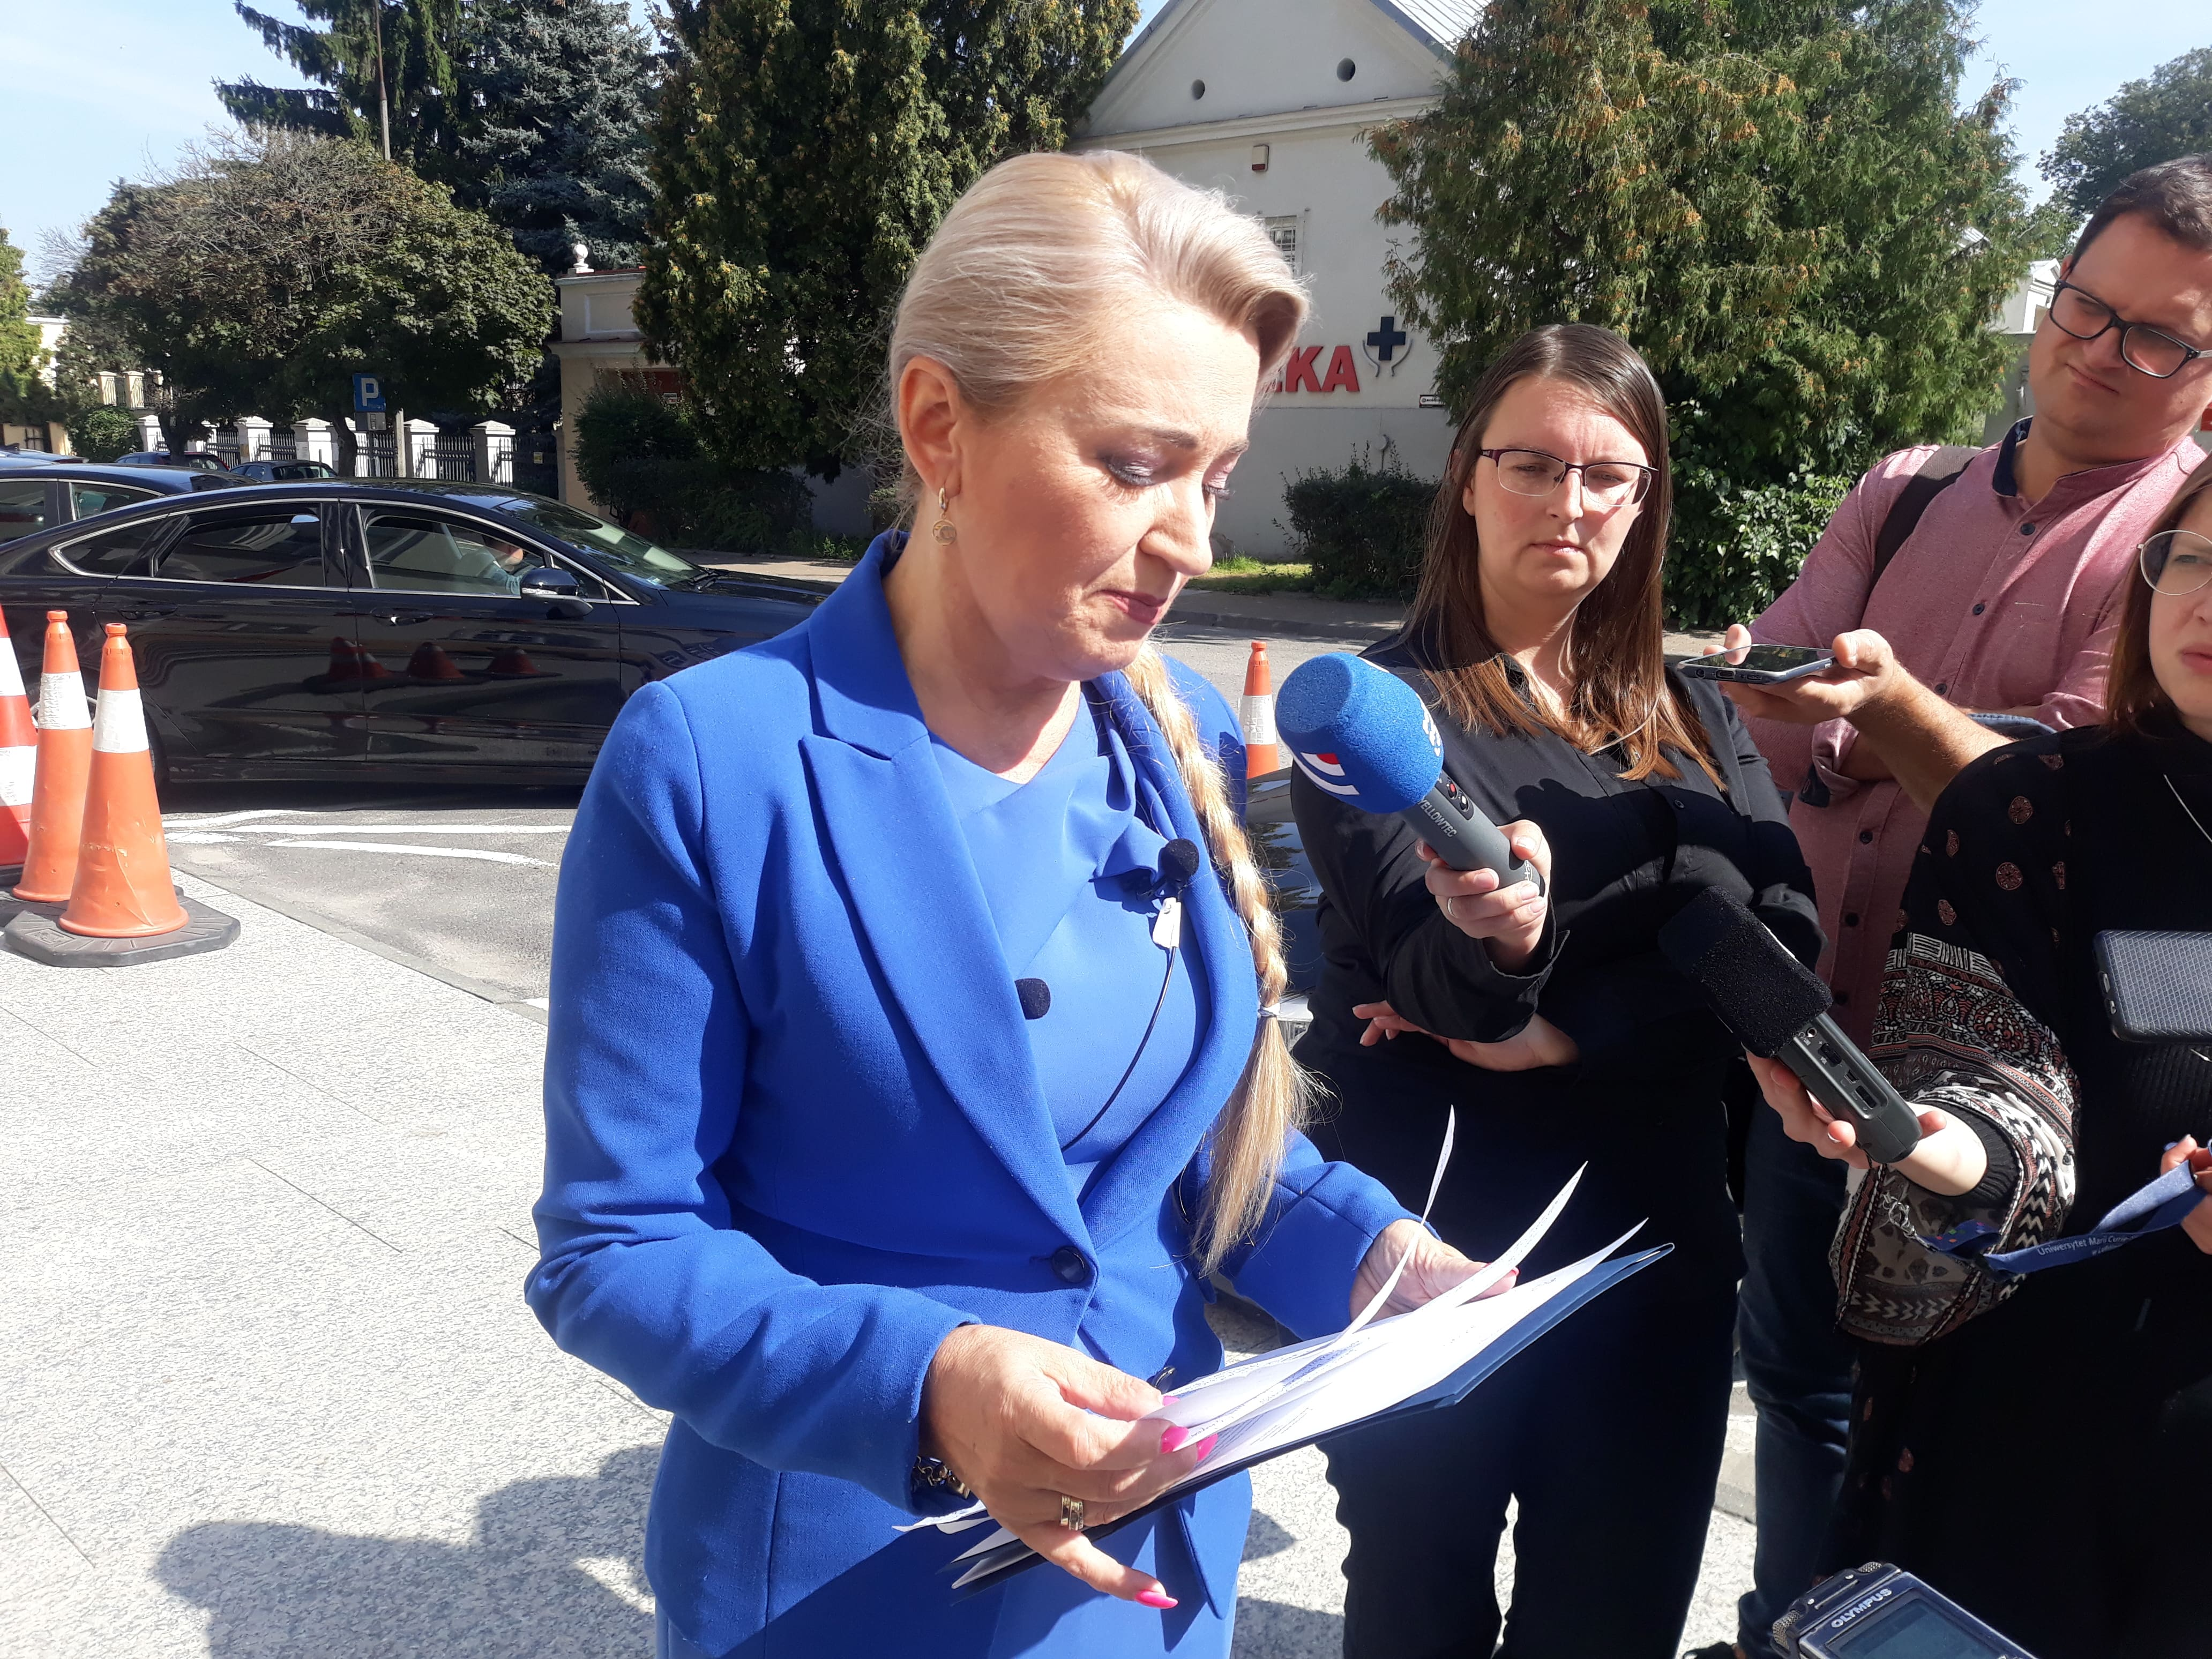 Lublin:  Coraz więcej zakażeń w szkołach. Poseł Marta Wcisło: Rząd ignoruje czwartą falę koronawirusa, flirtując z antyszczepionkowcami [WIDEO] - Zdjęcie główne